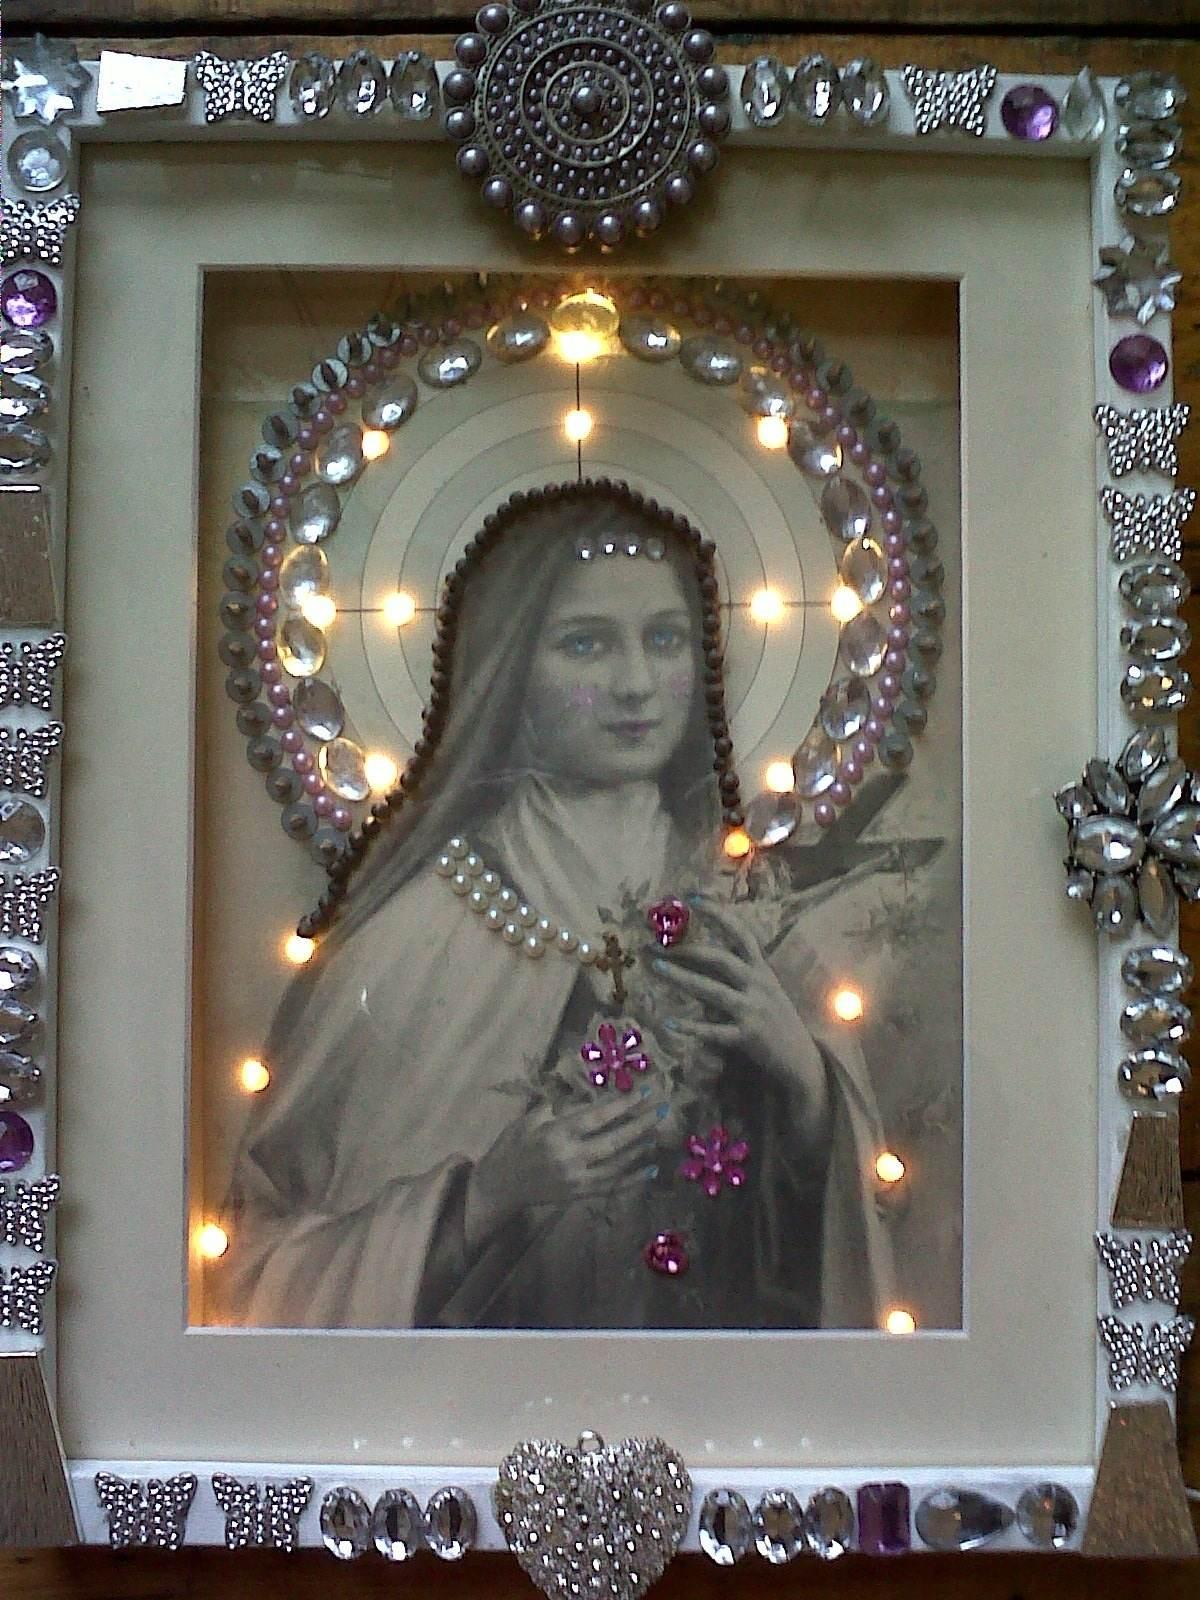 madonna light on framed